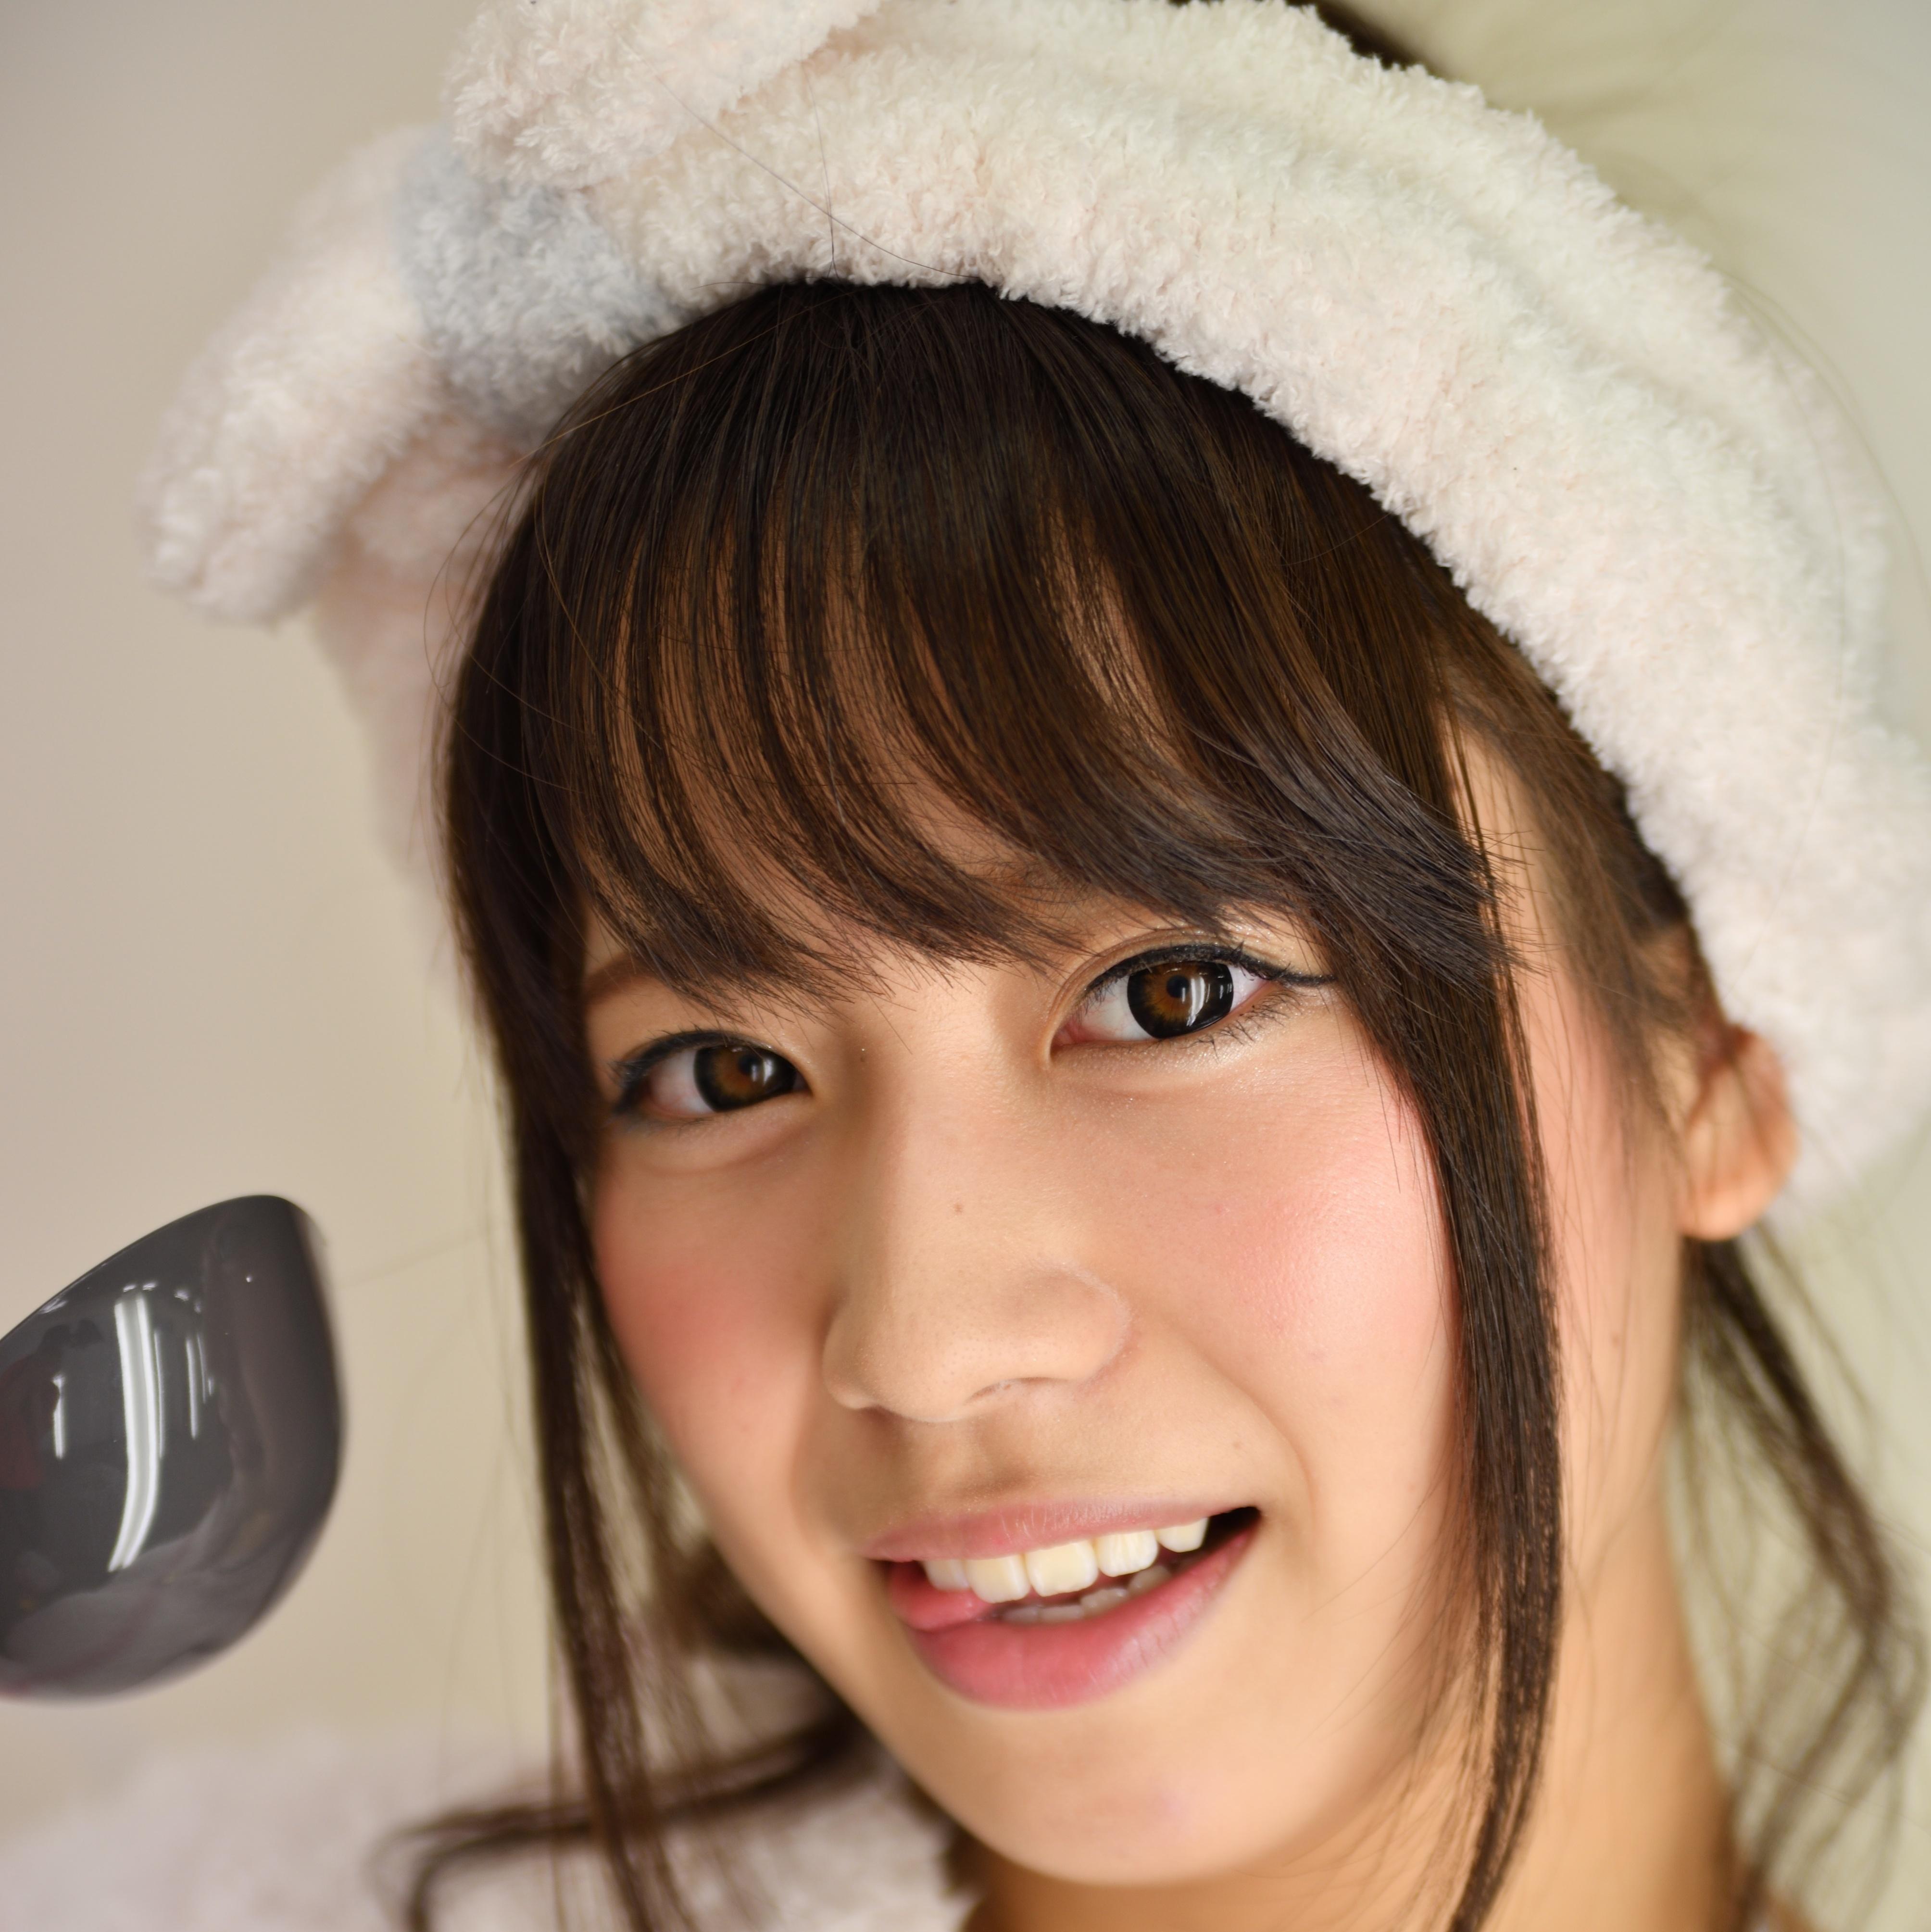 あつし@桜りんのプロフィール画像